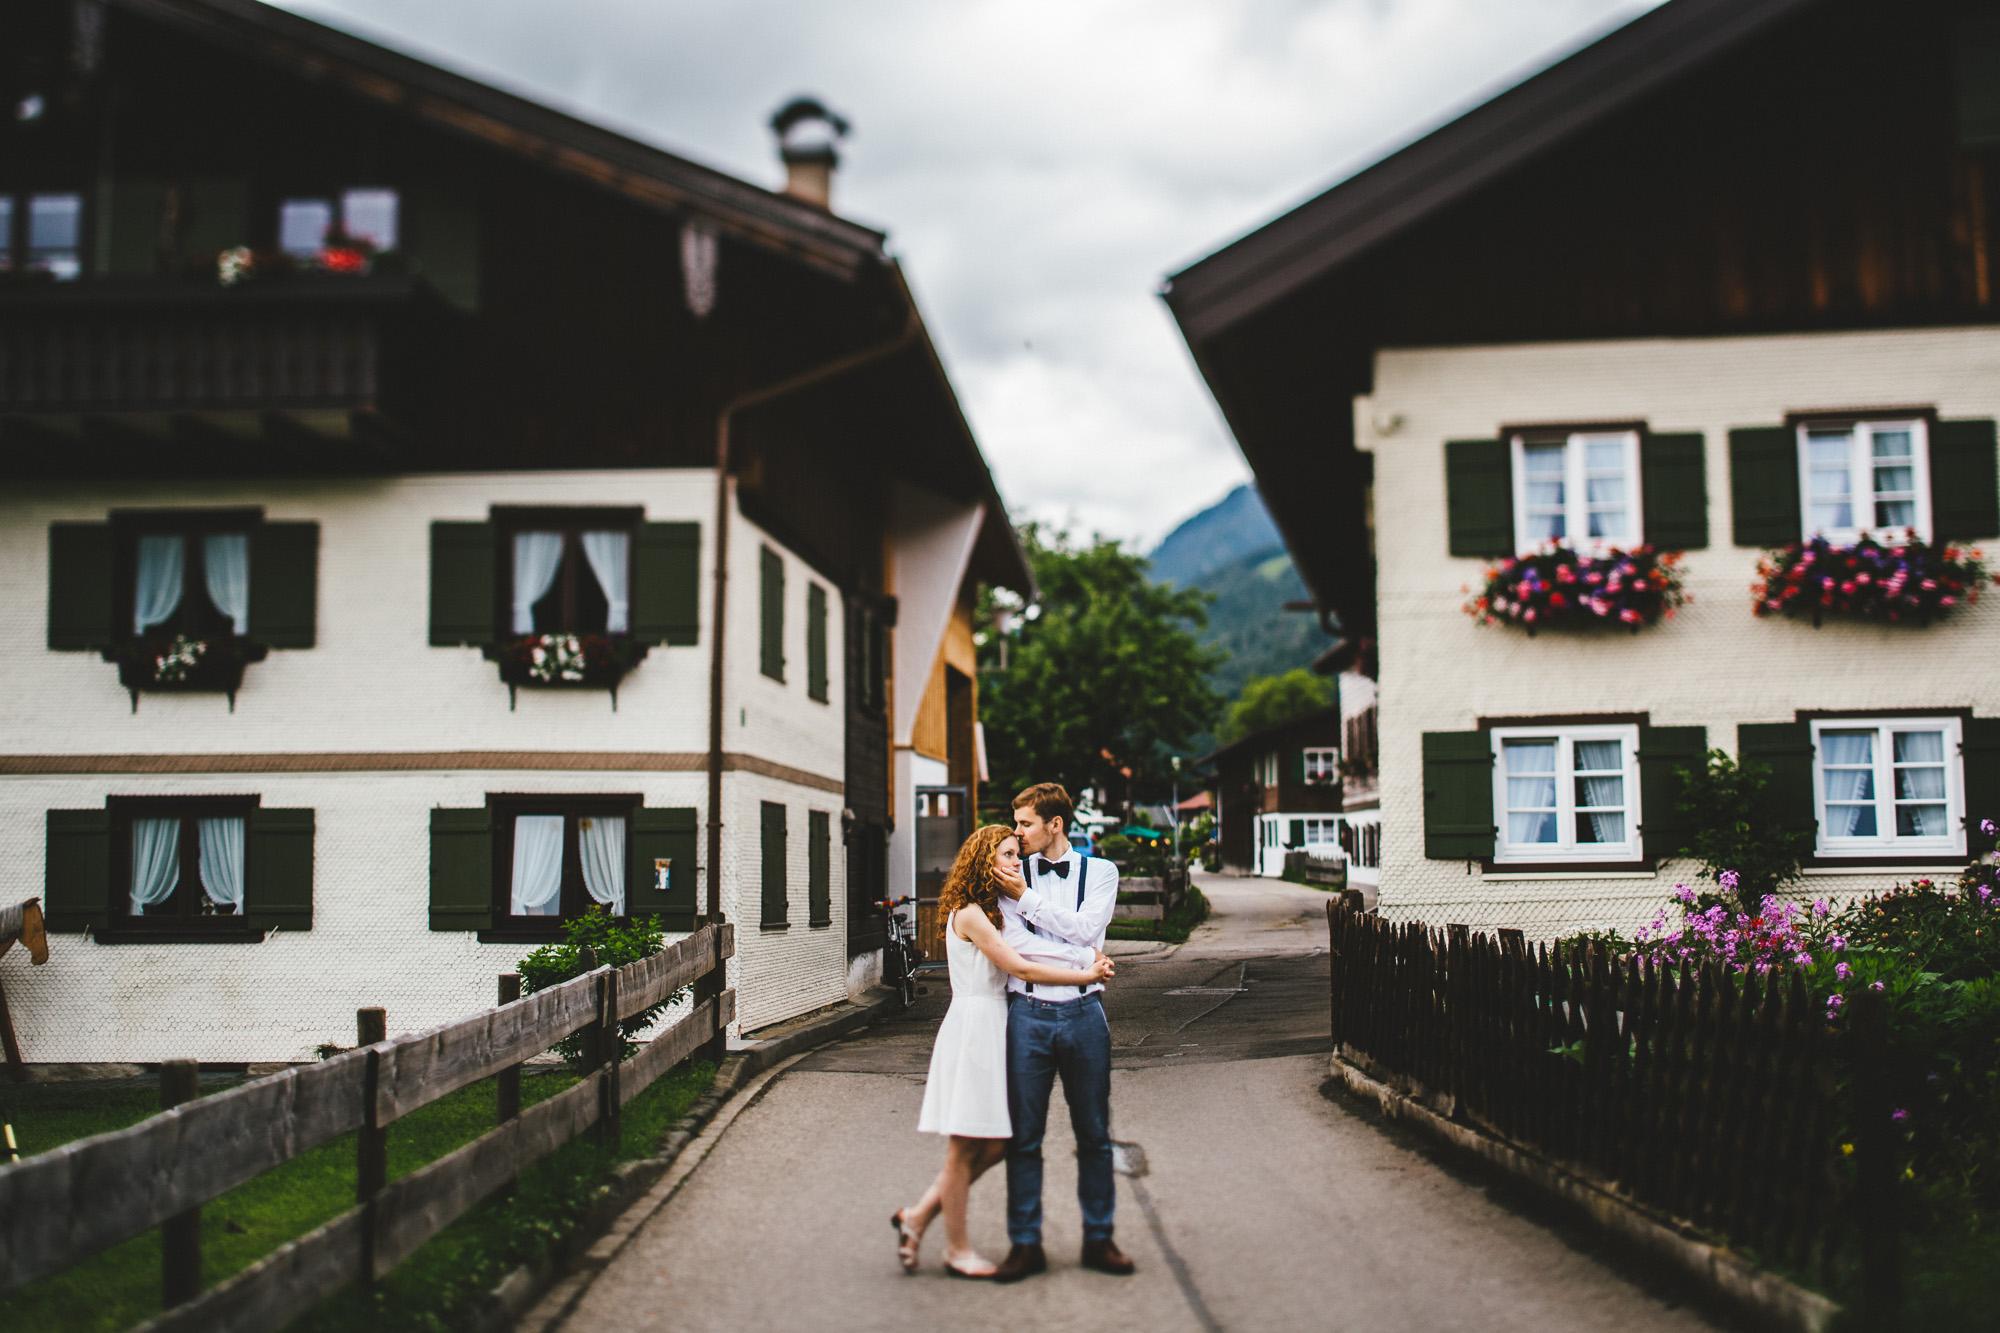 svea und keve 290 - Nur zu zweit in den Bergen